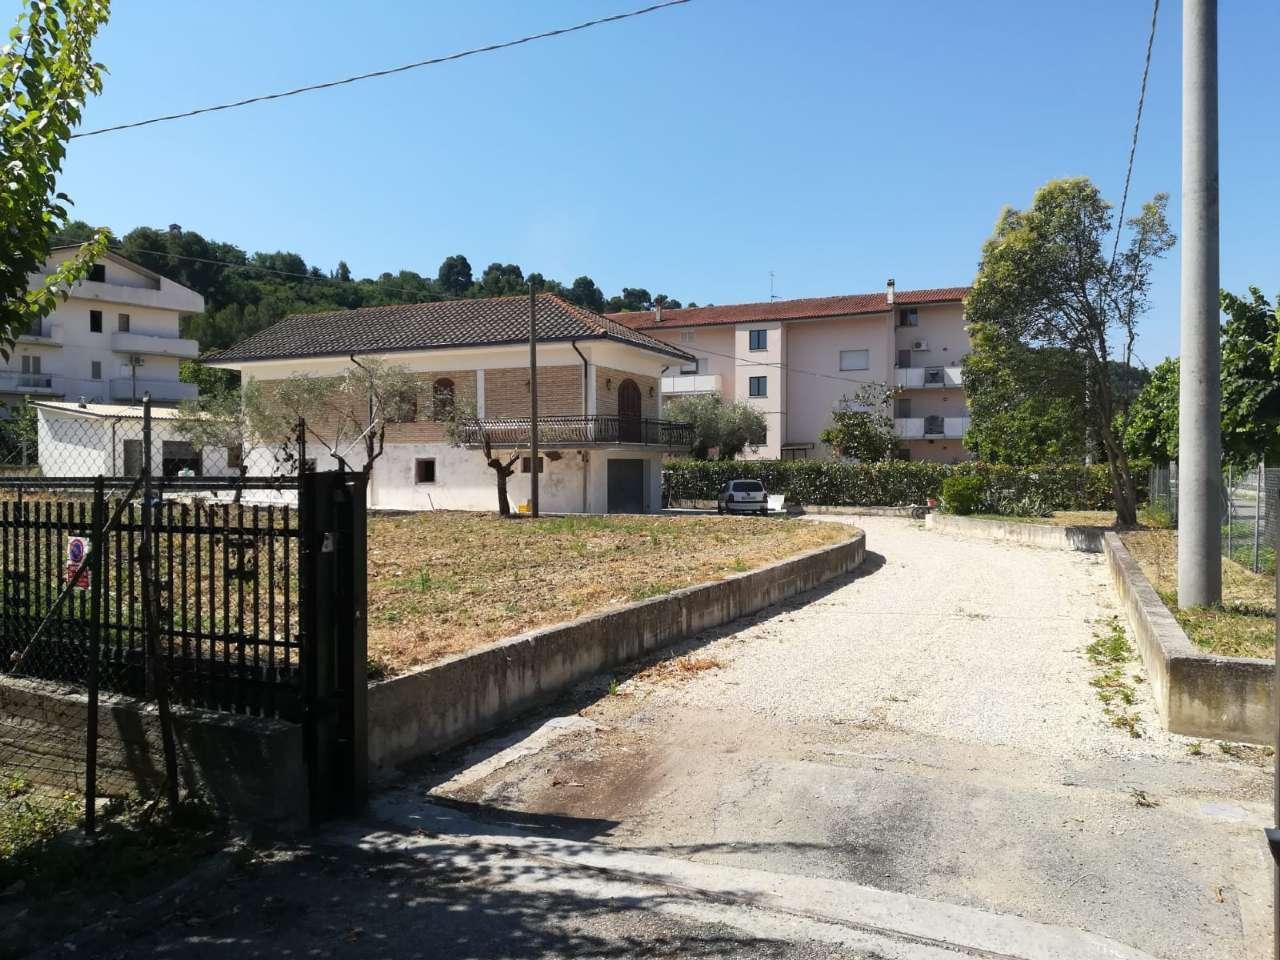 Villa Bifamiliare in vendita a Manoppello, 8 locali, Trattative riservate | PortaleAgenzieImmobiliari.it